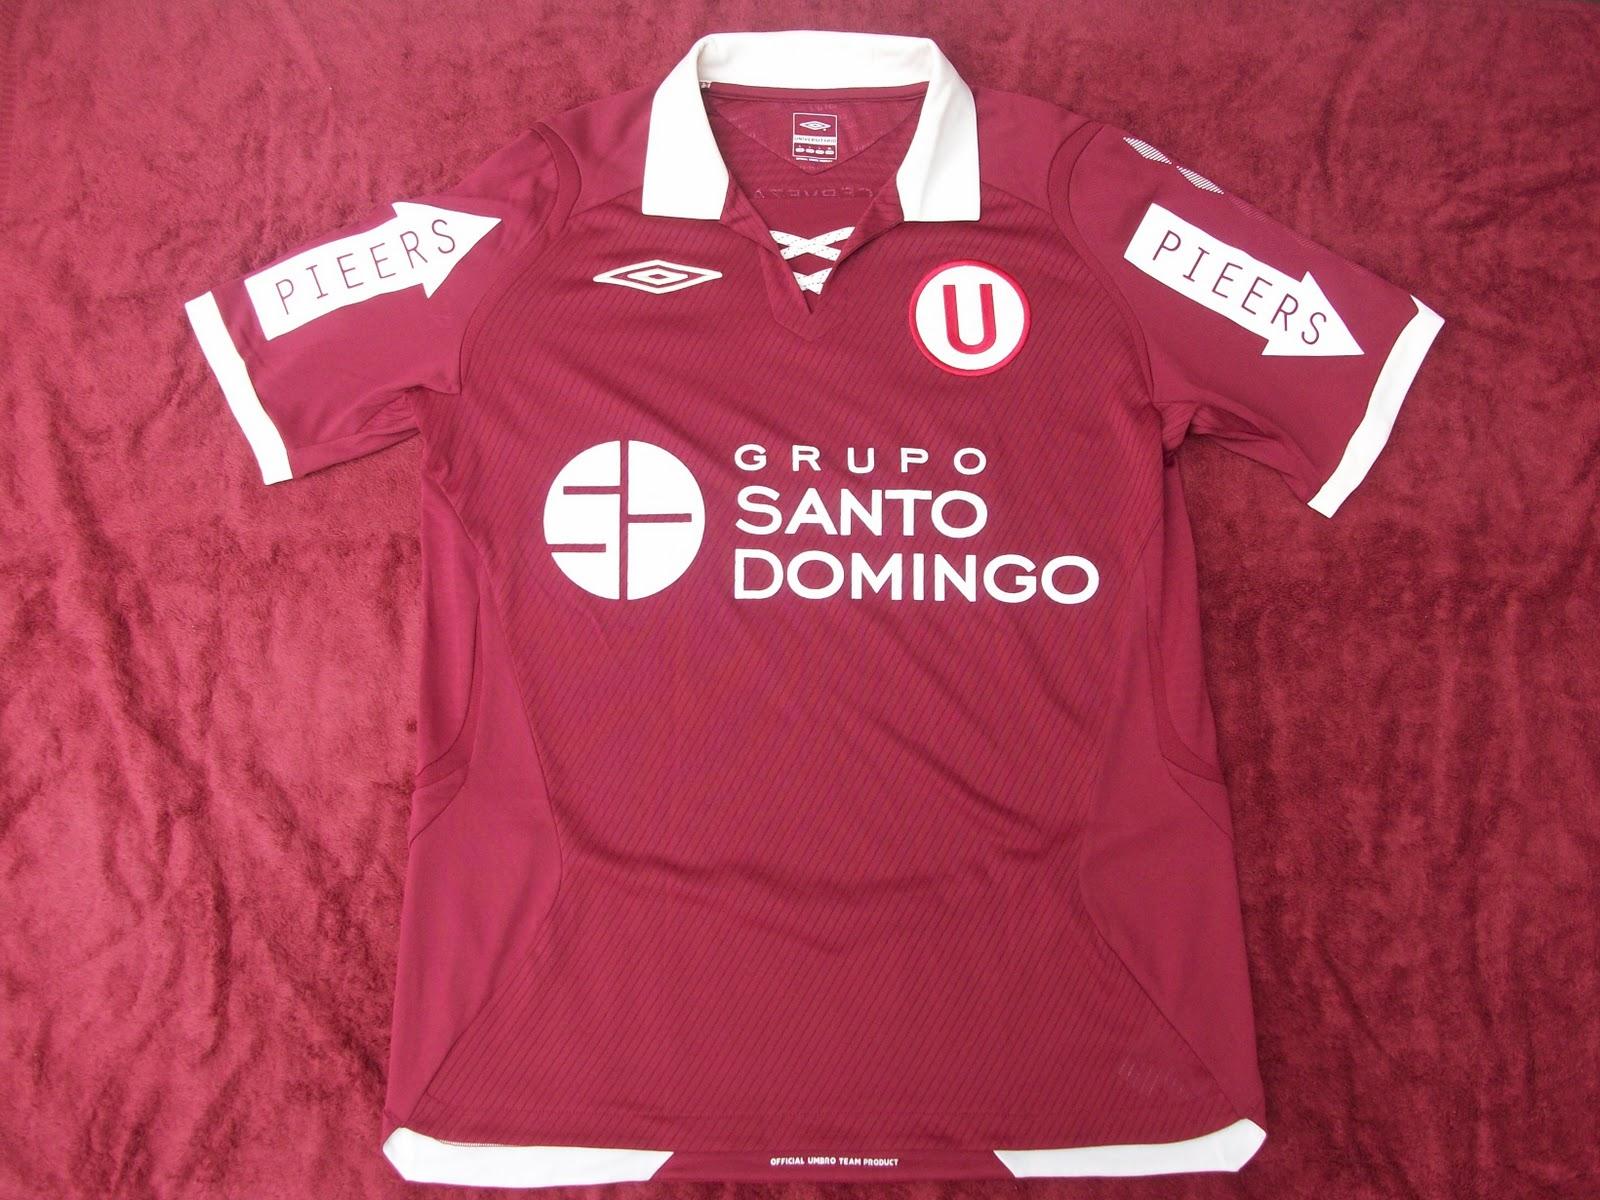 La Camiseta Crema  Camiseta Alterna - Copa Libertadores 2009 c8e330c38244a